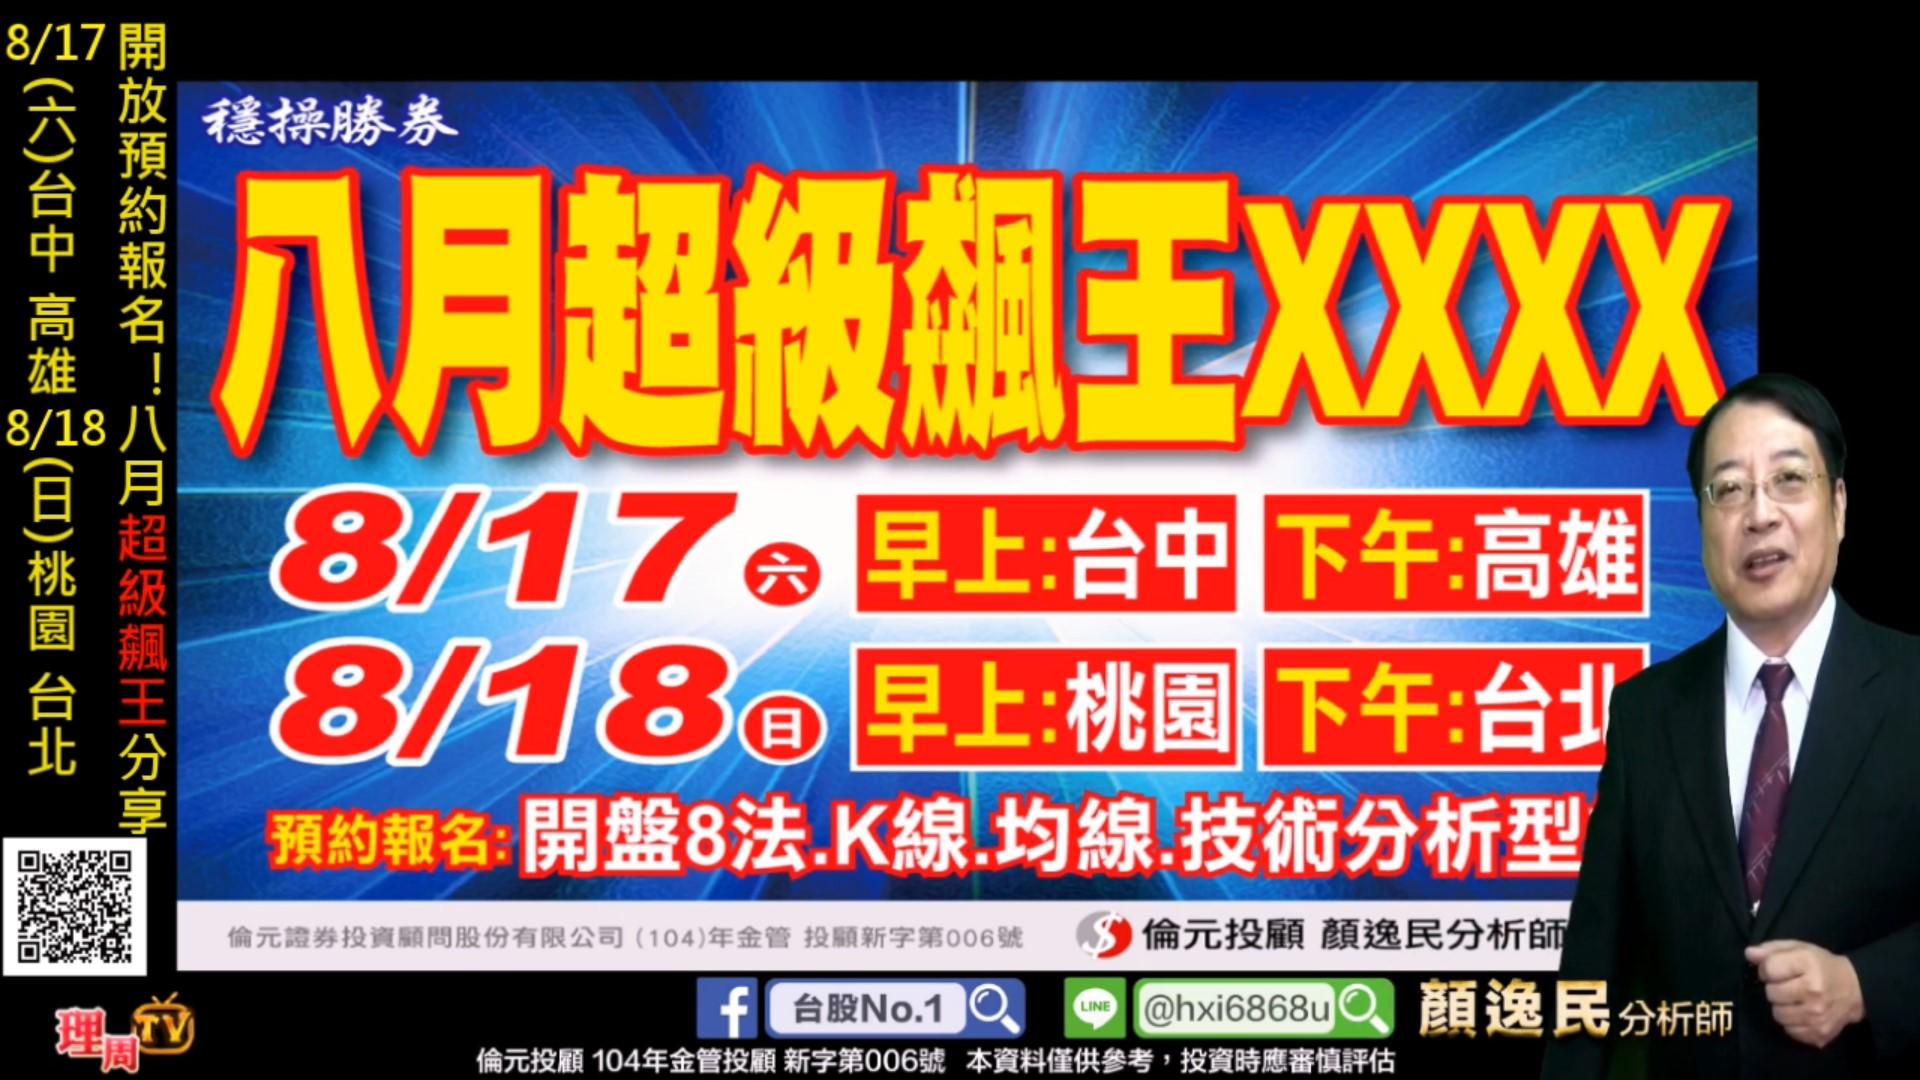 0814_開放預約報名!八月超級飆王分享 8/17(六)台中 高雄 8/18(日)桃園 台北